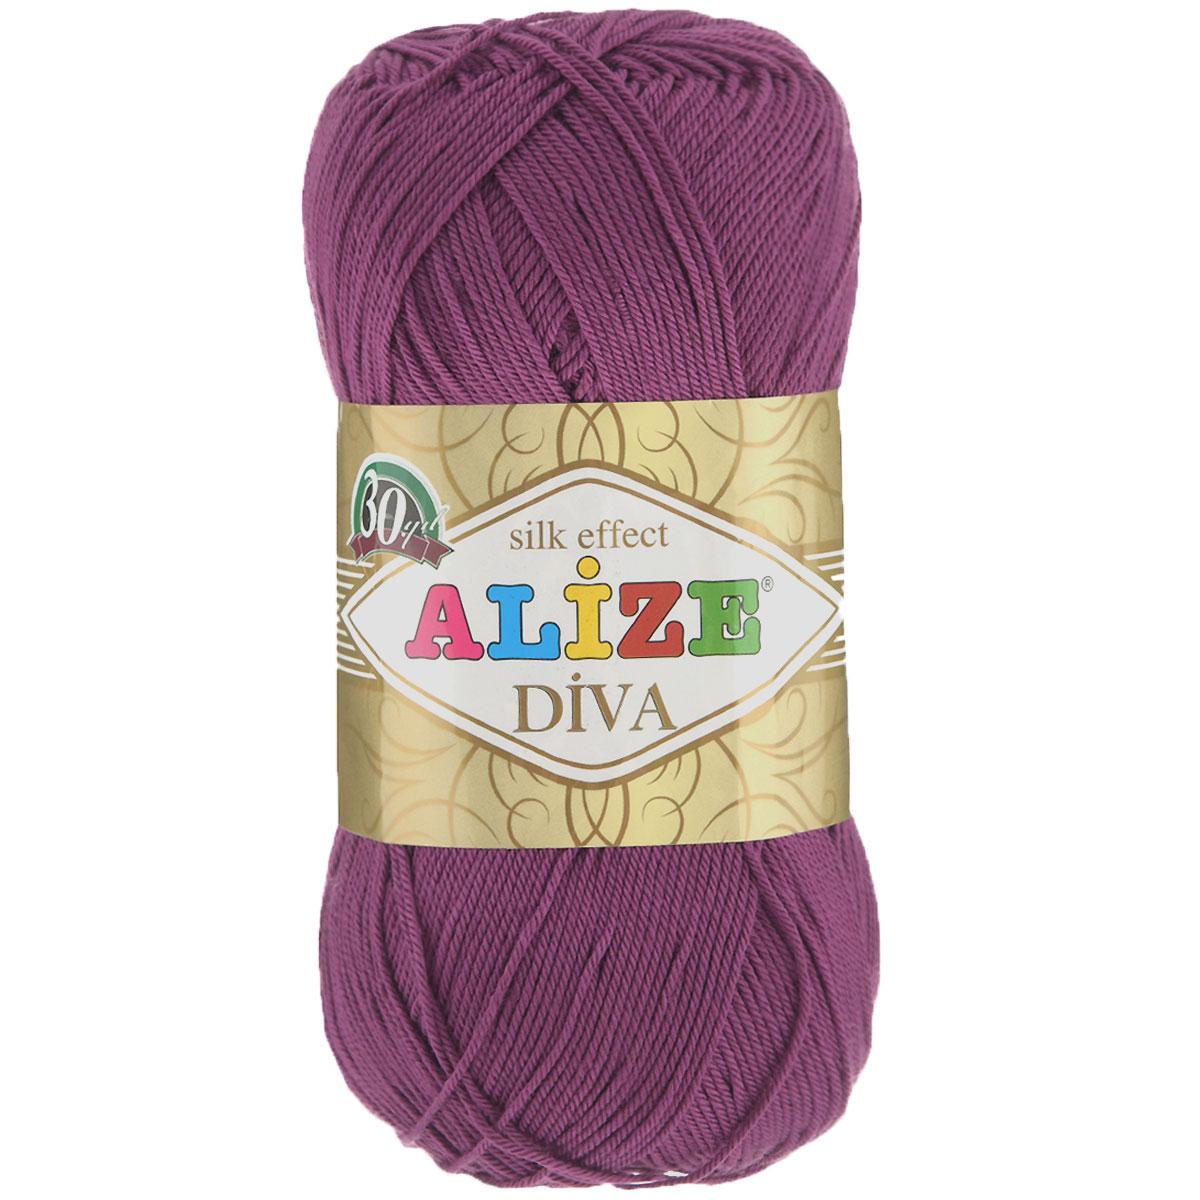 Пряжа для вязания Alize Diva, цвет: сливовый (297), 350 м, 100 г, 5 шт364126_297Легкая пряжа Diva с шелковым эффектом для весенних или летних вещей. Приятная на ощупь, обладающая высокой гигроскопичностью, пряжа Diva из микрофибры подойдет для самых разных вязаных изделий: сарафанов, туник, платьев, легких костюмов, кофт, шалей и накидок. Ее с одинаковым успехом можно использовать и для спиц, и для вязания крючком. В палитре большой выбор ярких цветов и пастельных мягких оттенков. Не стоит с предубеждением относиться к искусственной пряже, ведь она обладает целым рядом преимуществ. За изделиями из пряжи Diva проще ухаживать, они не подвержены скатыванию, не вызывают аллергии, не собирают пыль, не линяют и не оставляют ворсинок на другой одежде. Рекомендованные спицы № 2,5-3,5, крючок № 1-3. Состав: 100% микрофибра.